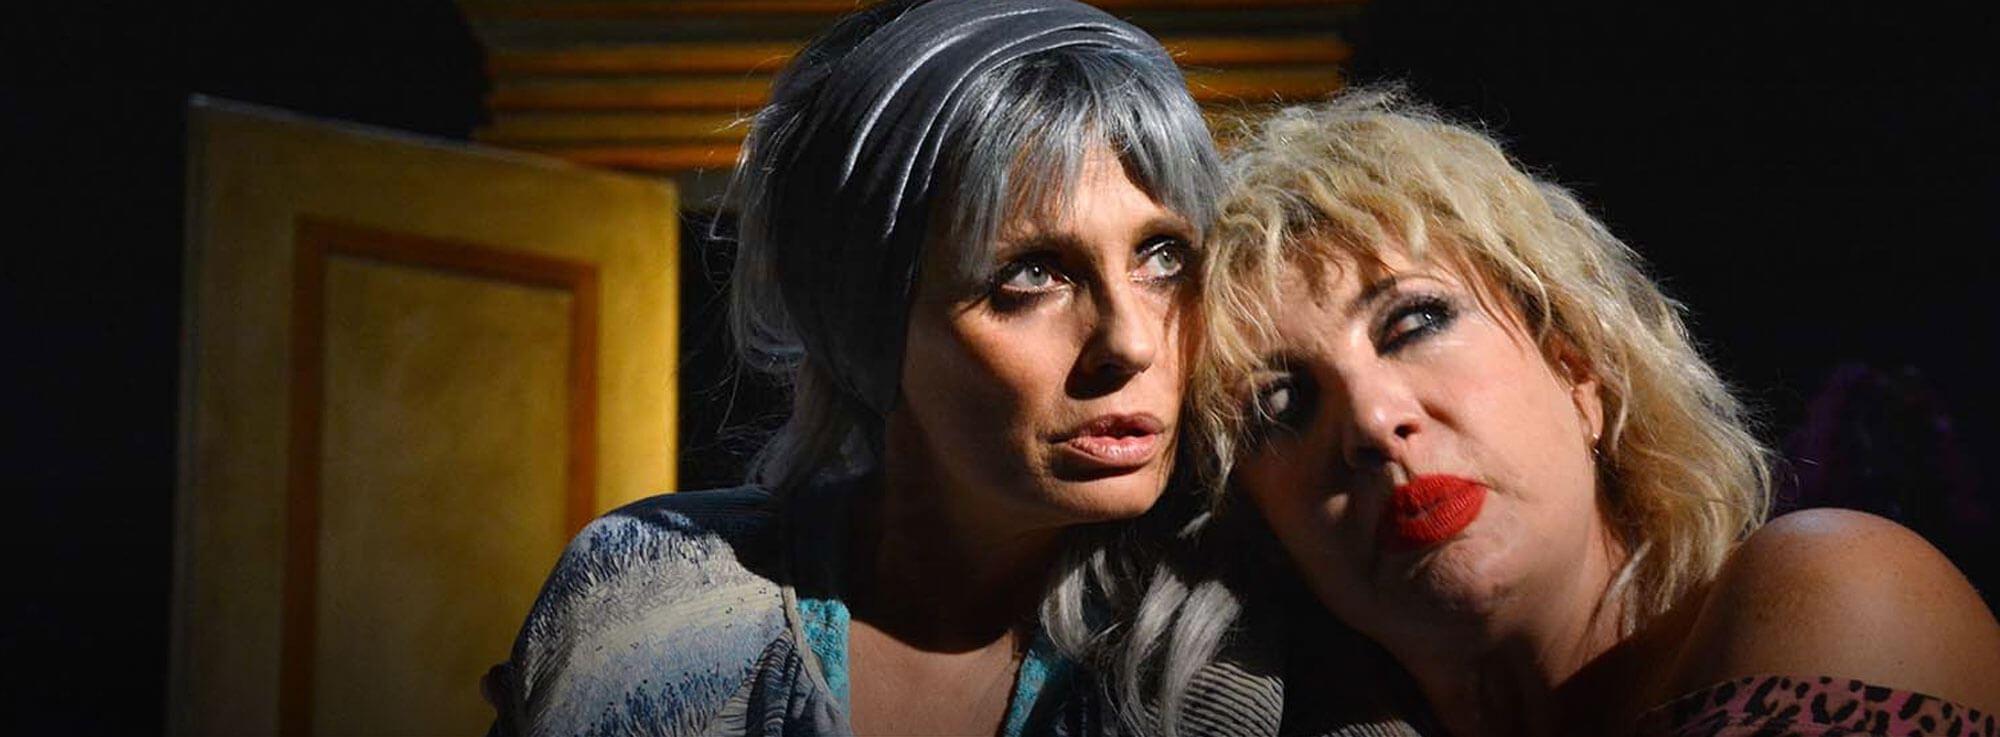 Cerignola: Sisters-come stelle nel buio